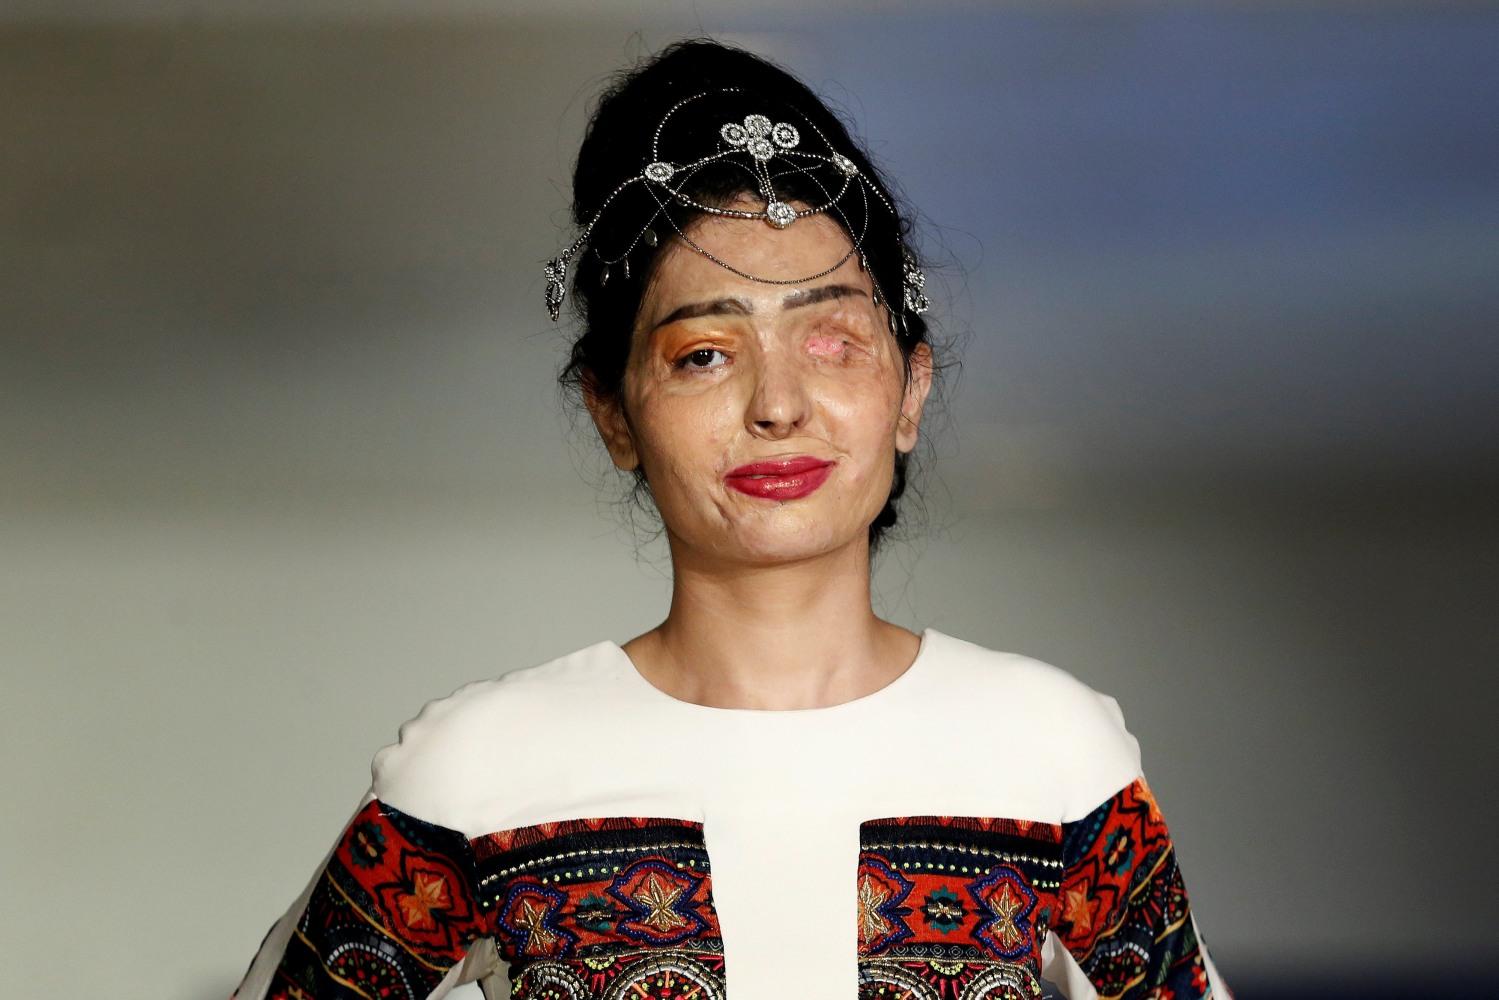 India Acid Attack Survivor Walks Runway at N.Y. Fashion ...